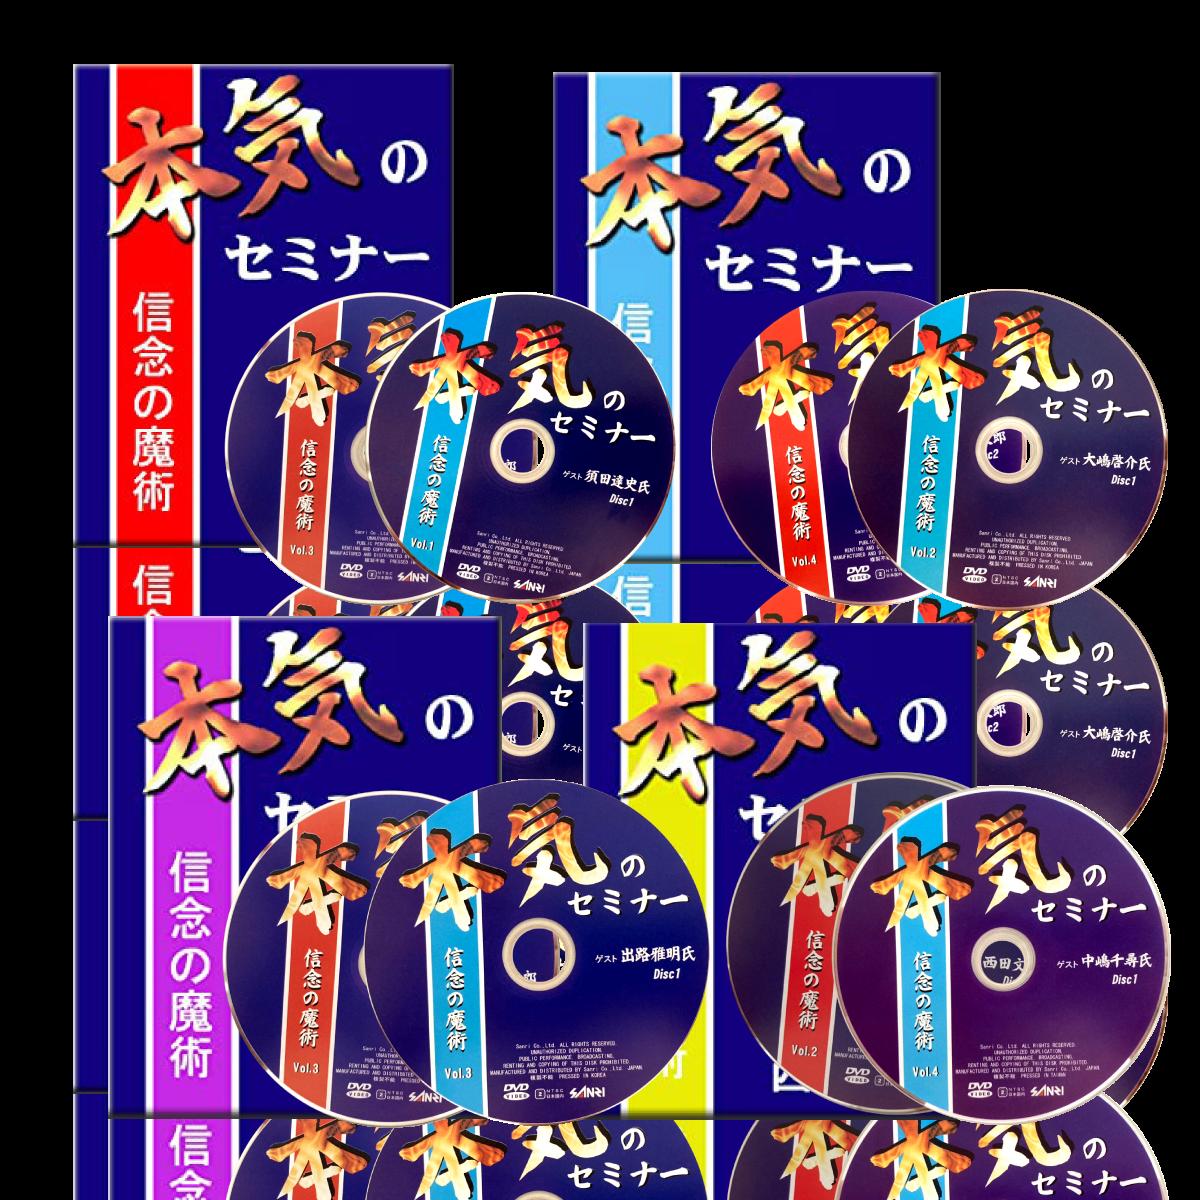 【大特価75 %OFF】本気のセミナーDVD 4巻セット